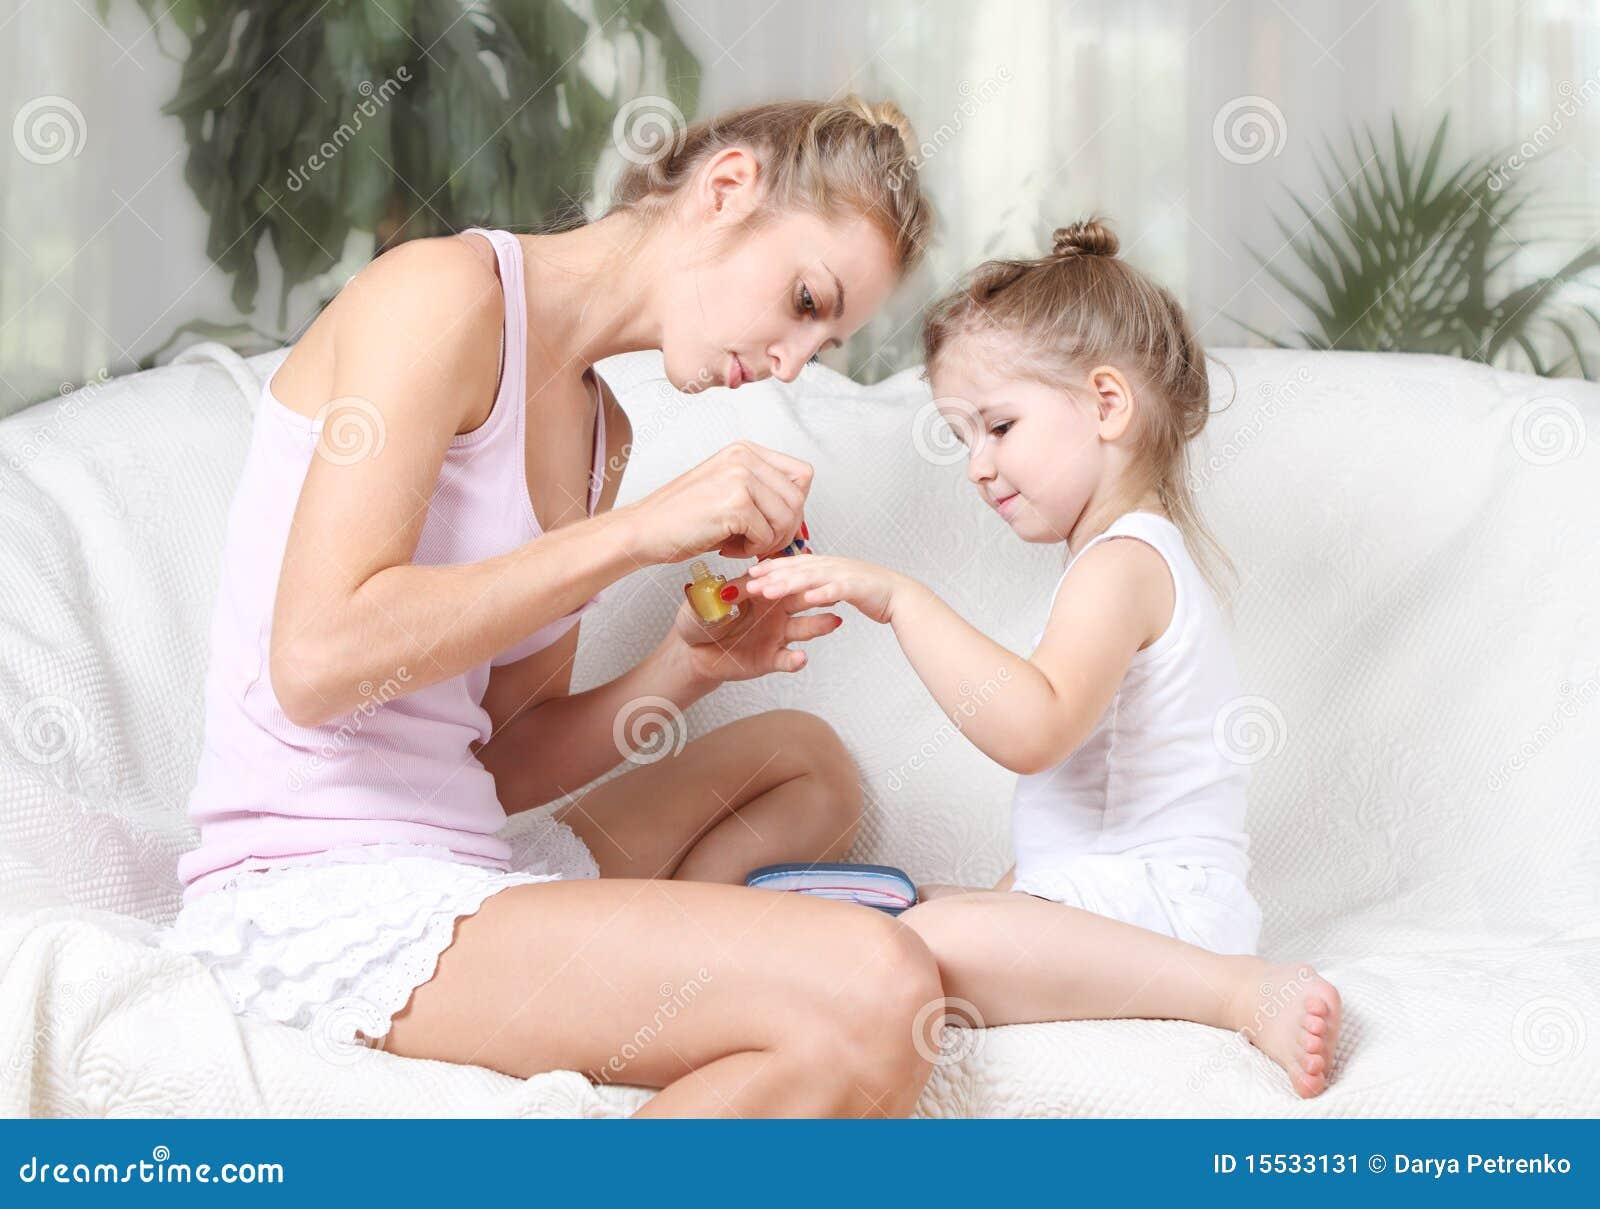 Сближение мамы и дочери 9 фотография